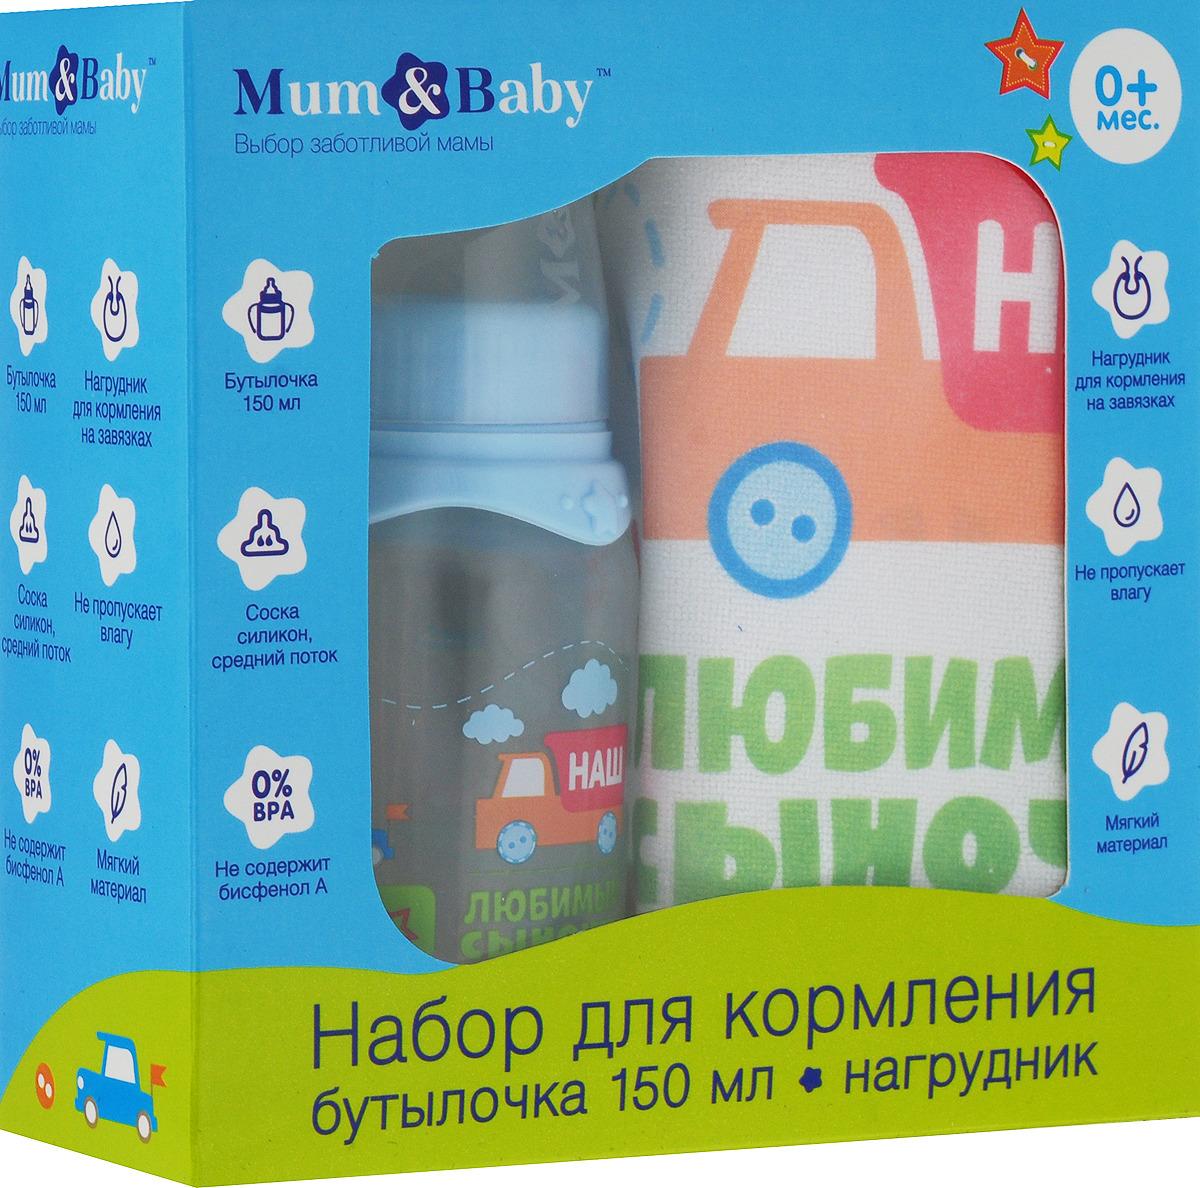 наборы для кормления Набор Mum&Baby Сыночек бутылочка для кормления, 150 мл + нагрудник, 3654374